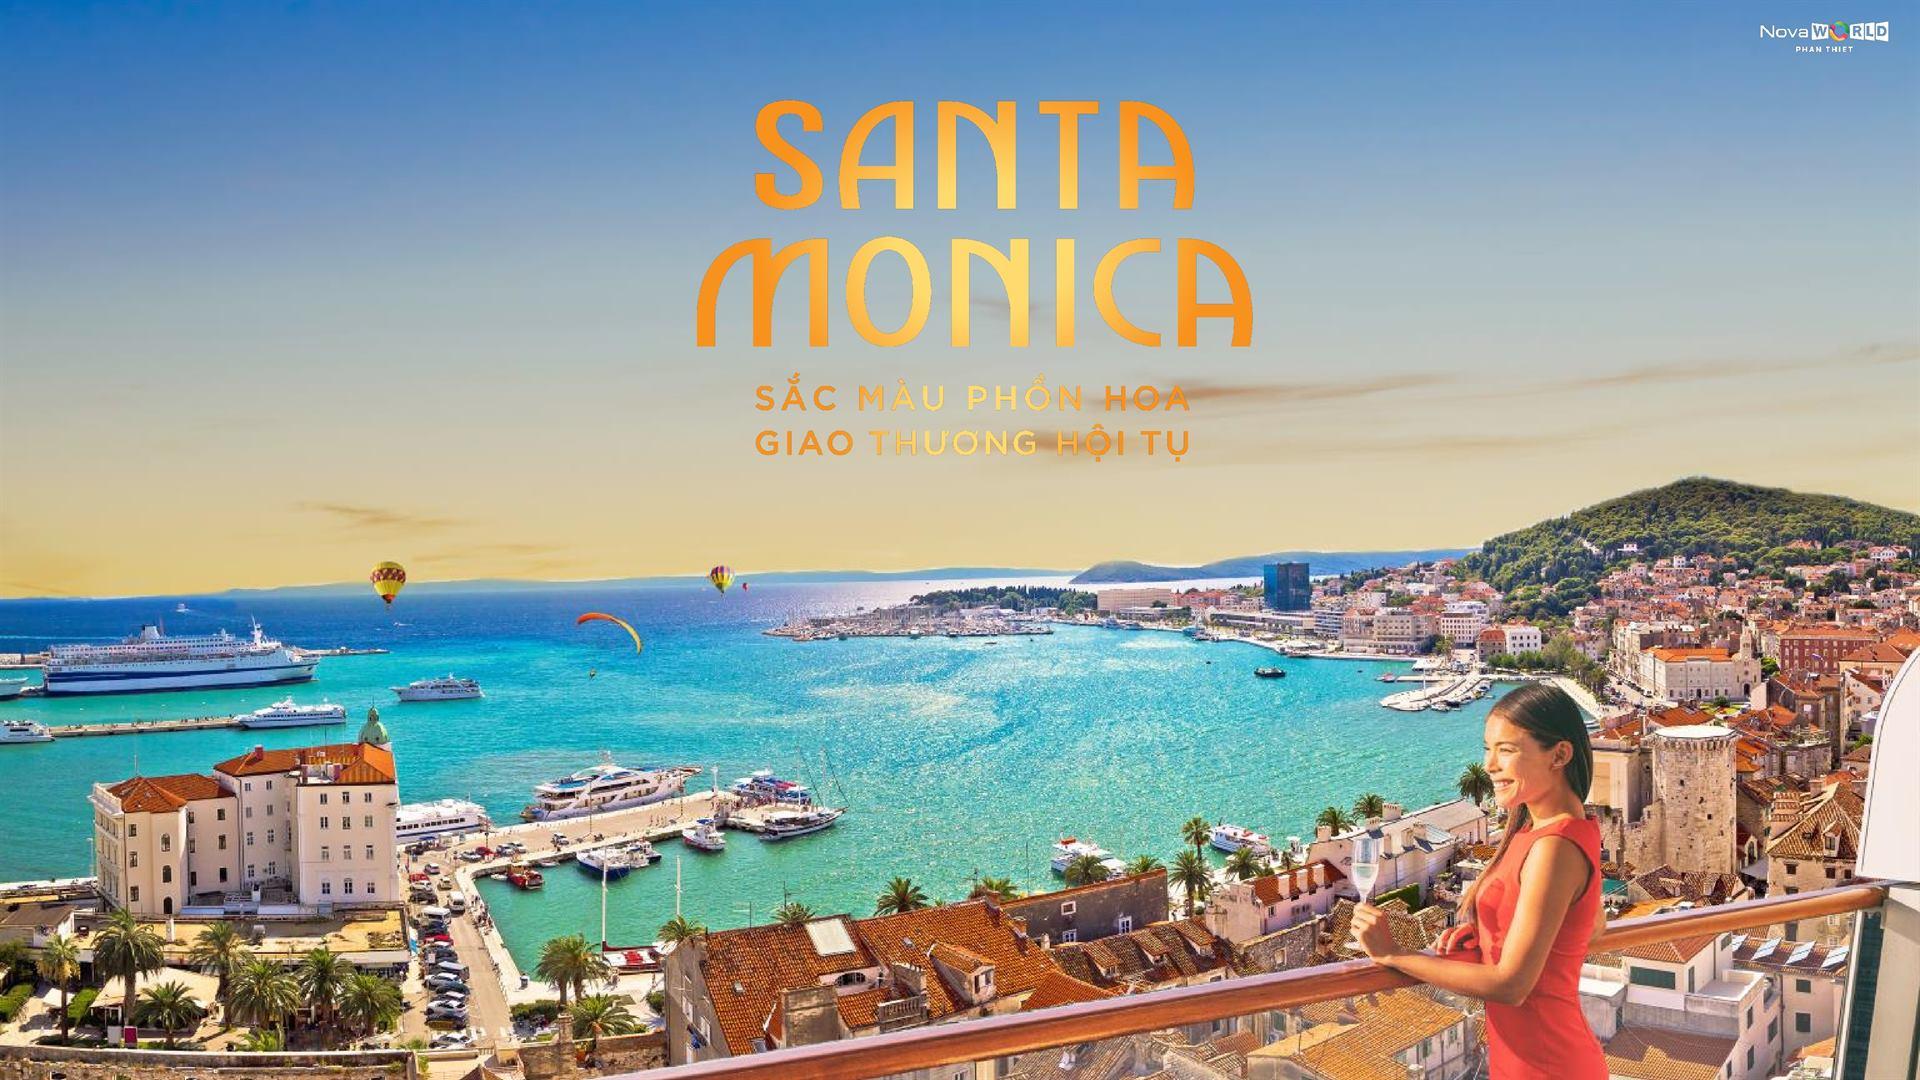 Santa-monica_sac-mau-phon-hoa-giao-thuong-hoi-tu